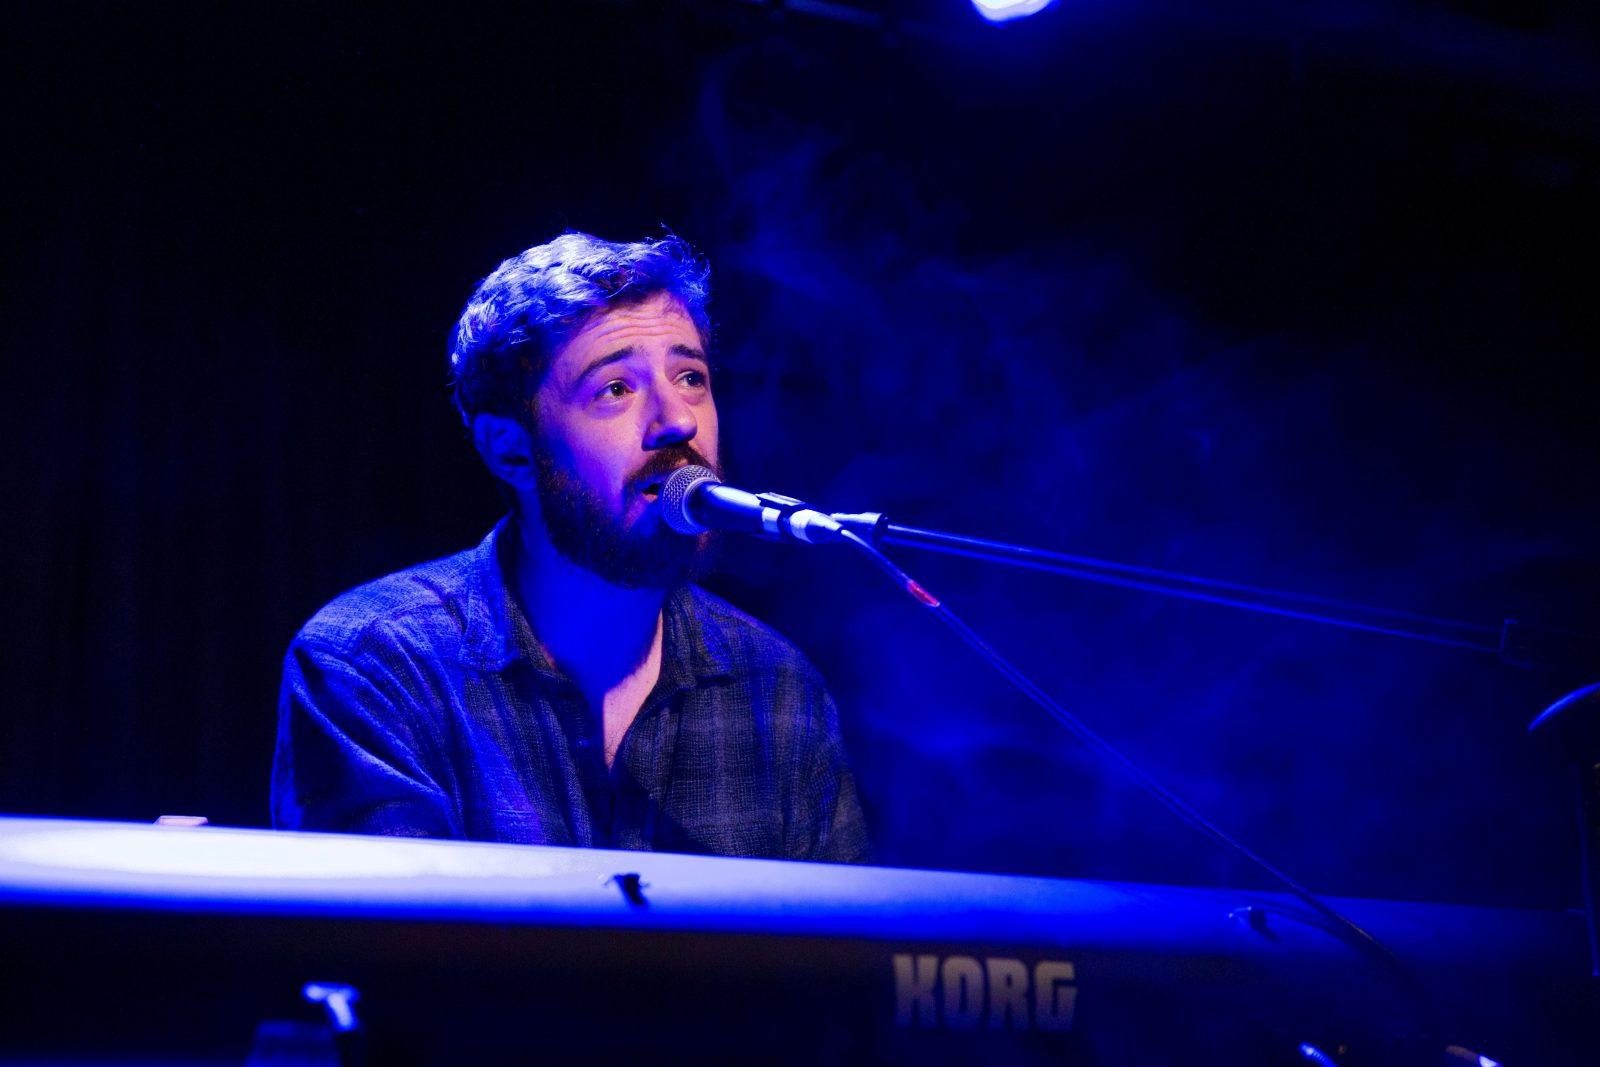 AJ Holmes sits behind keyboard on stage singing.